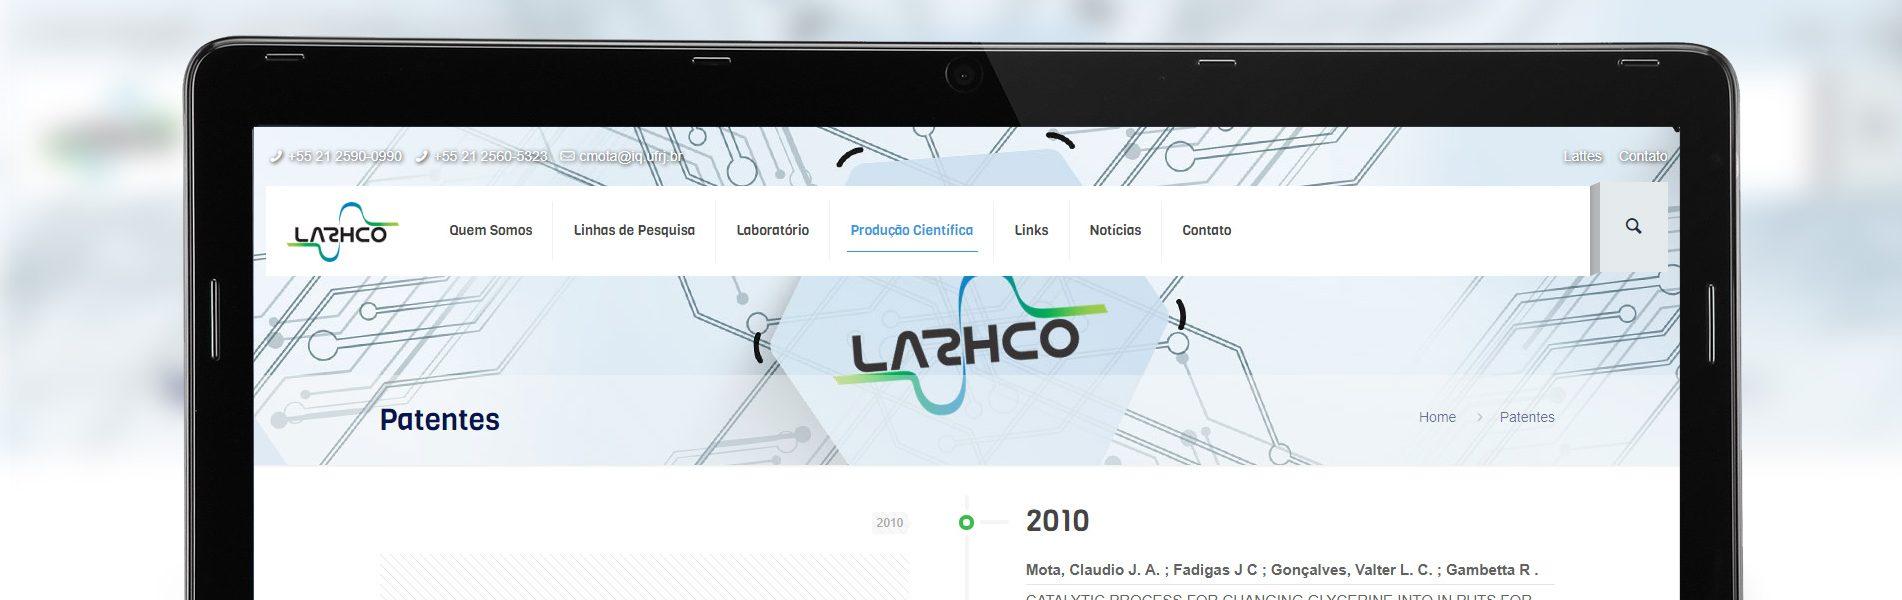 larcho4